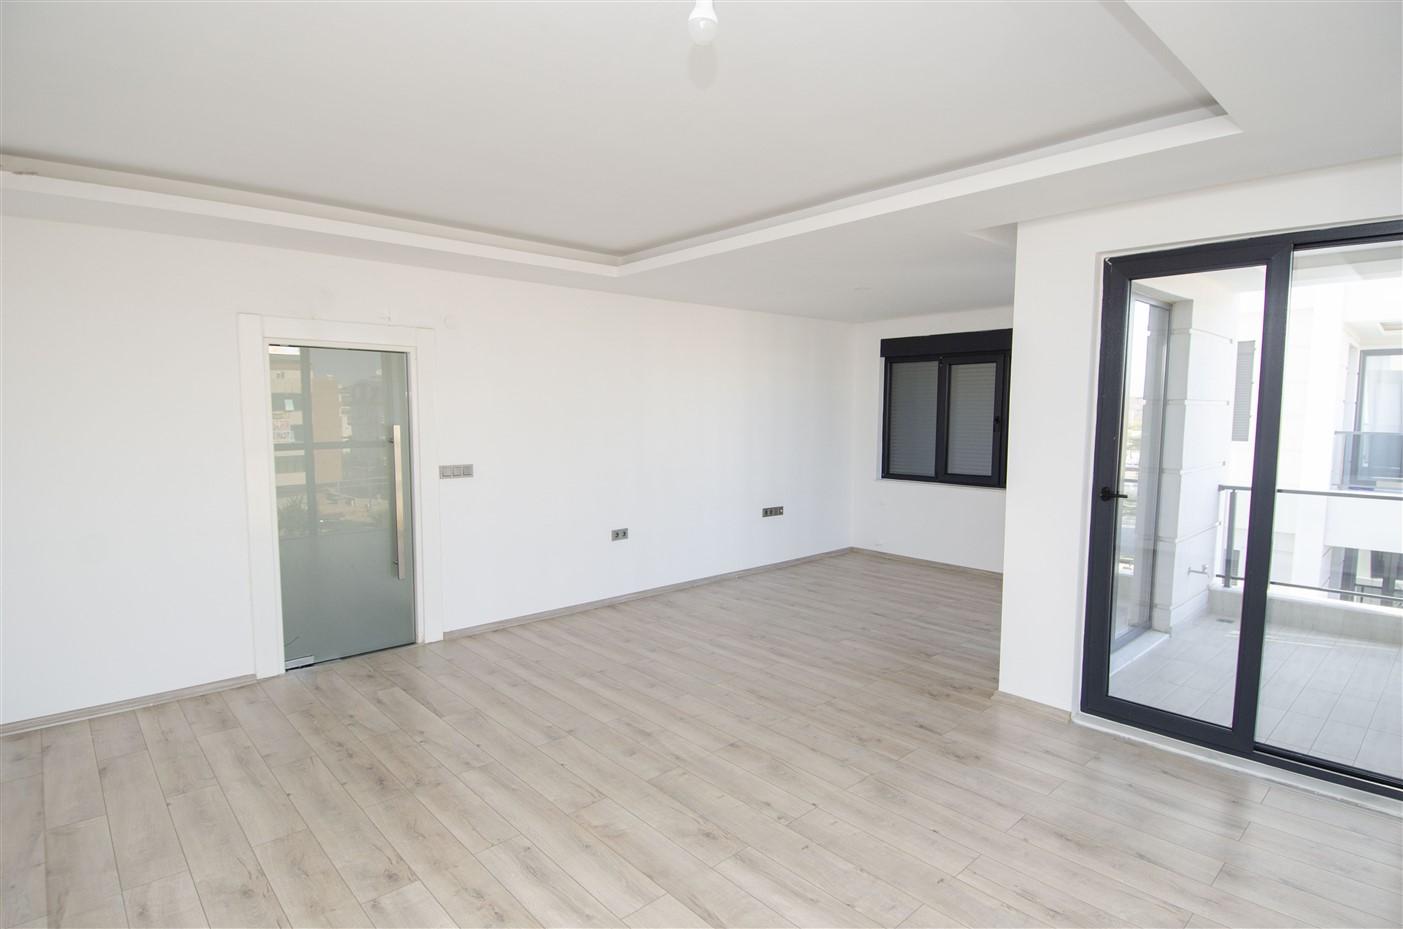 Новые апартаменты 2+1 в центре Анталии - Фото 4